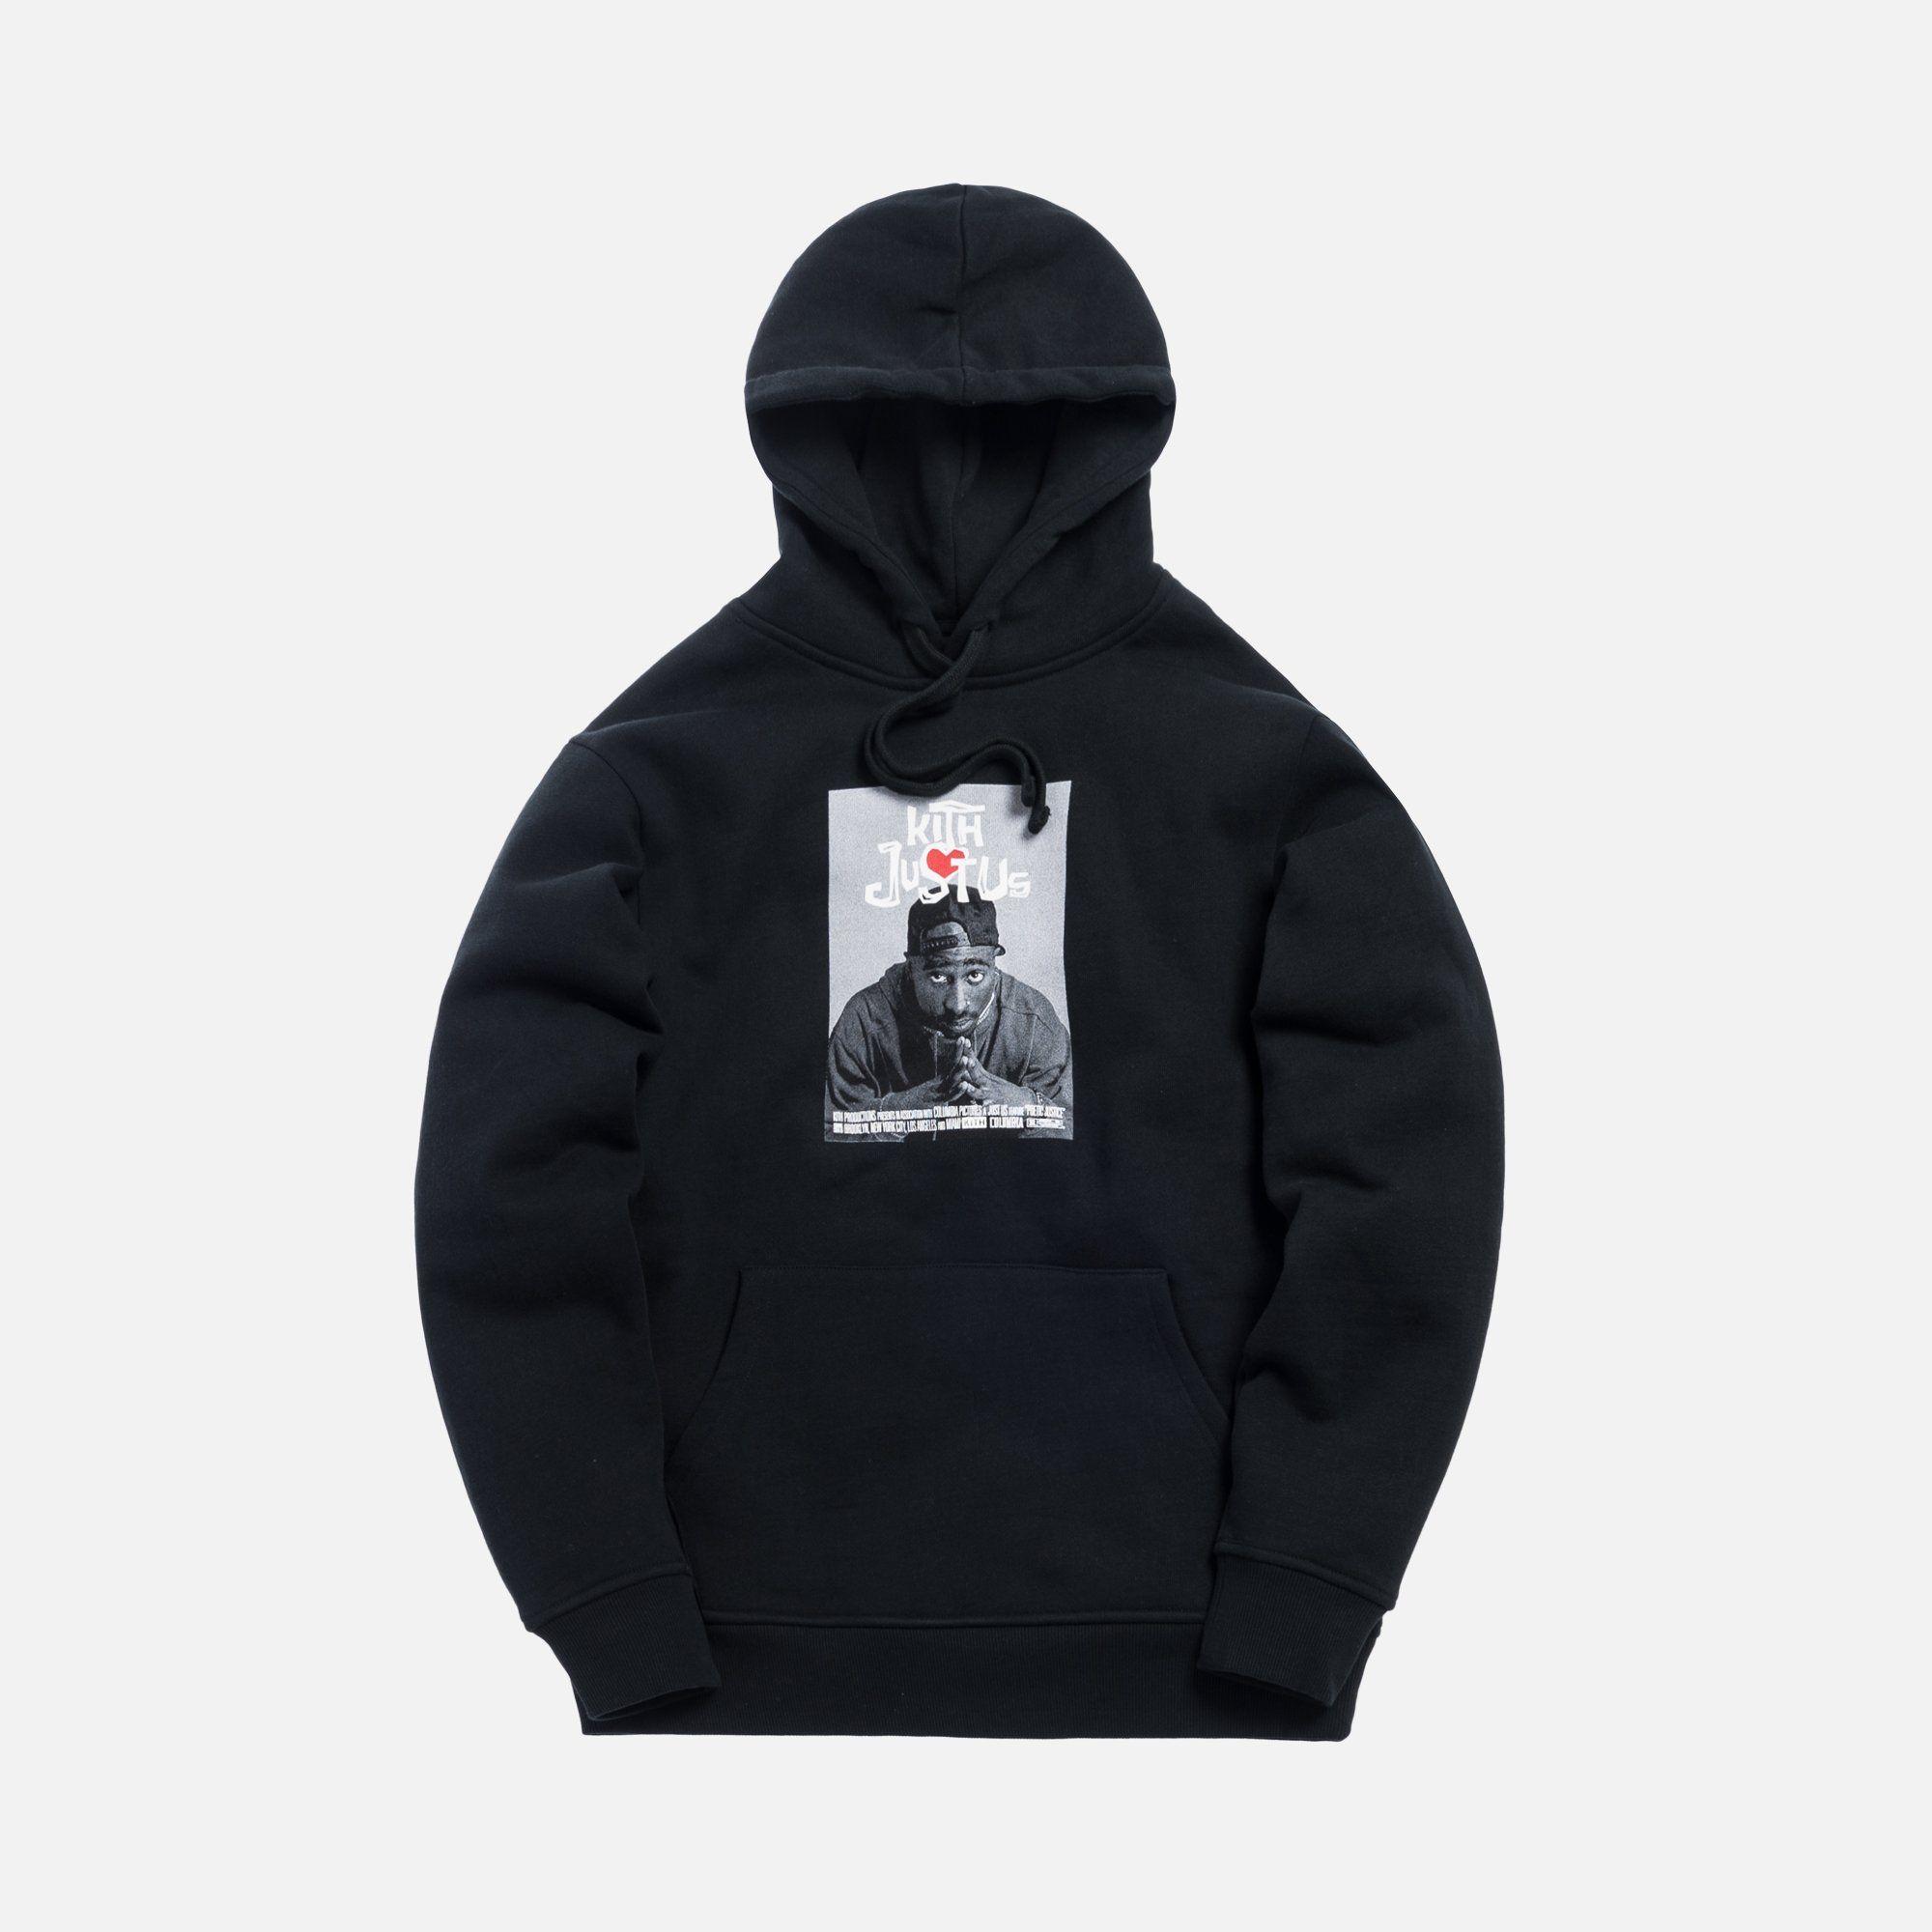 Kith X Poetic Justice Hoodie Black